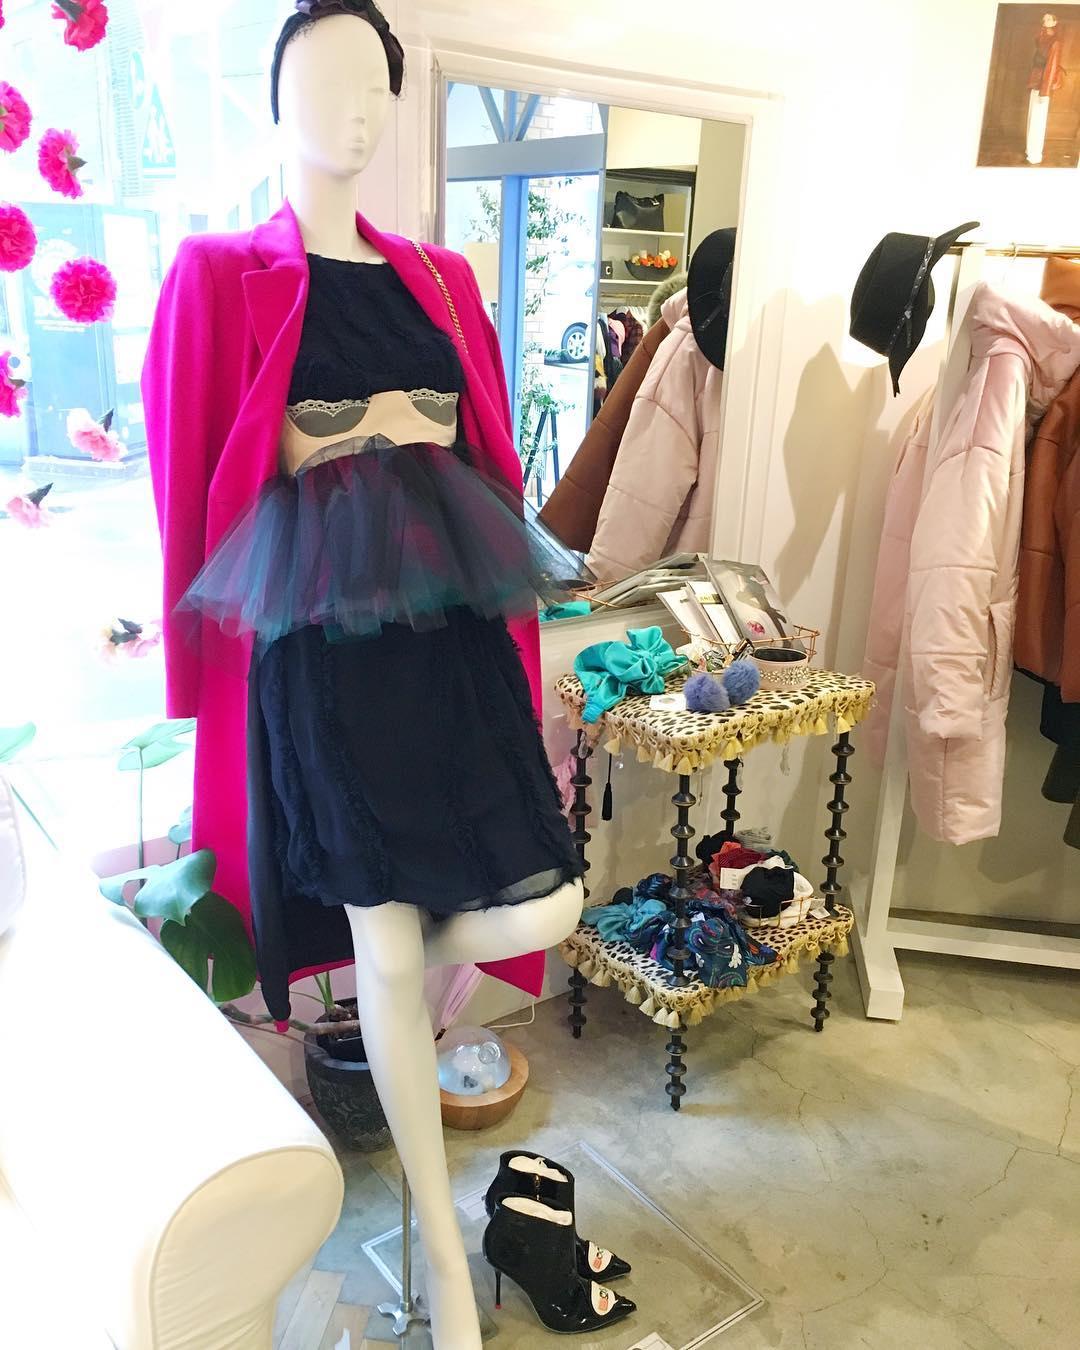 芸能人が有田哲平の夢なら醒めないでで着用した衣装シューズ、ベルト